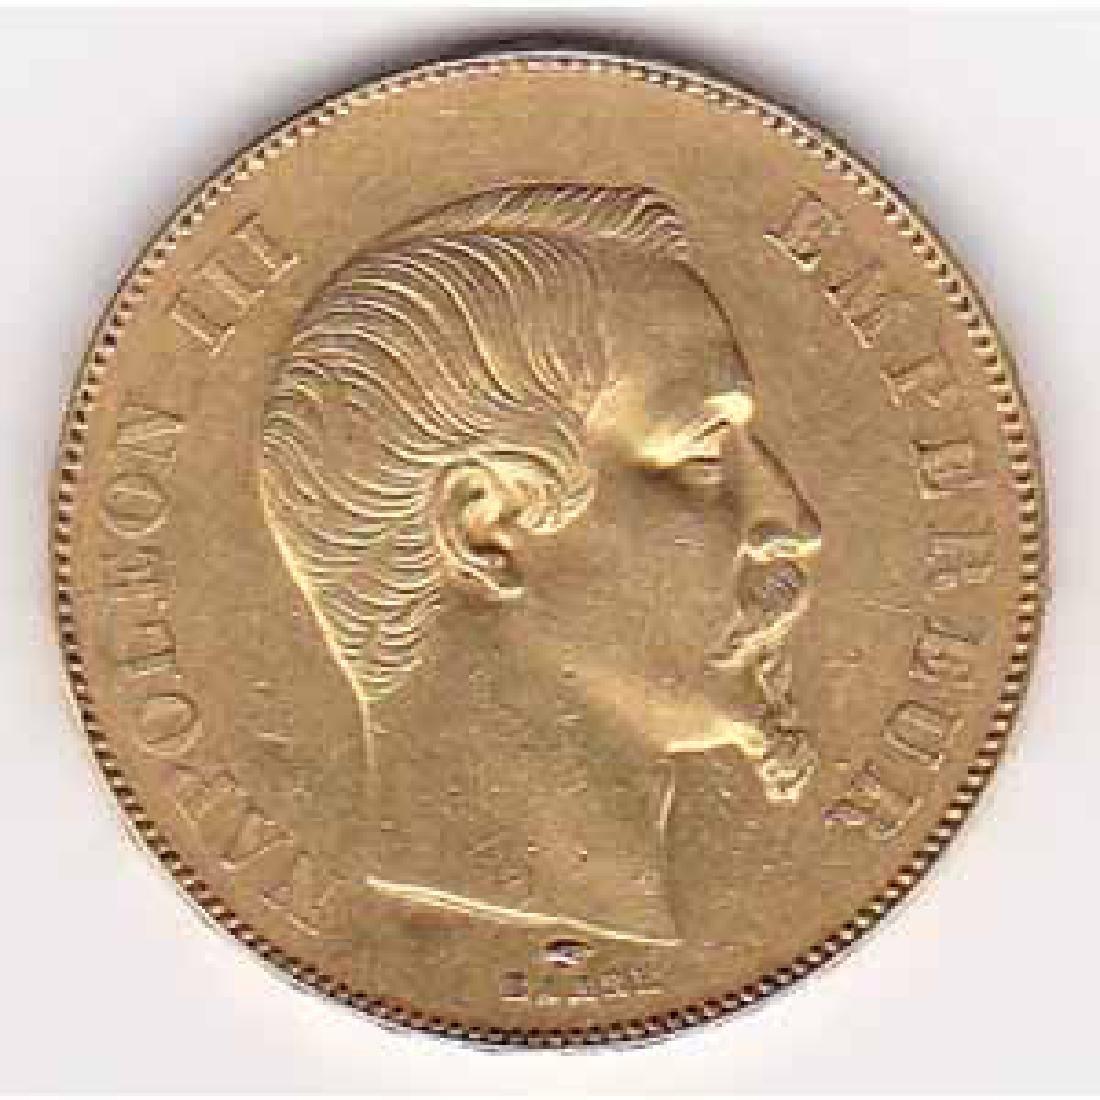 France 50 francs gold 1856A Napoleon III